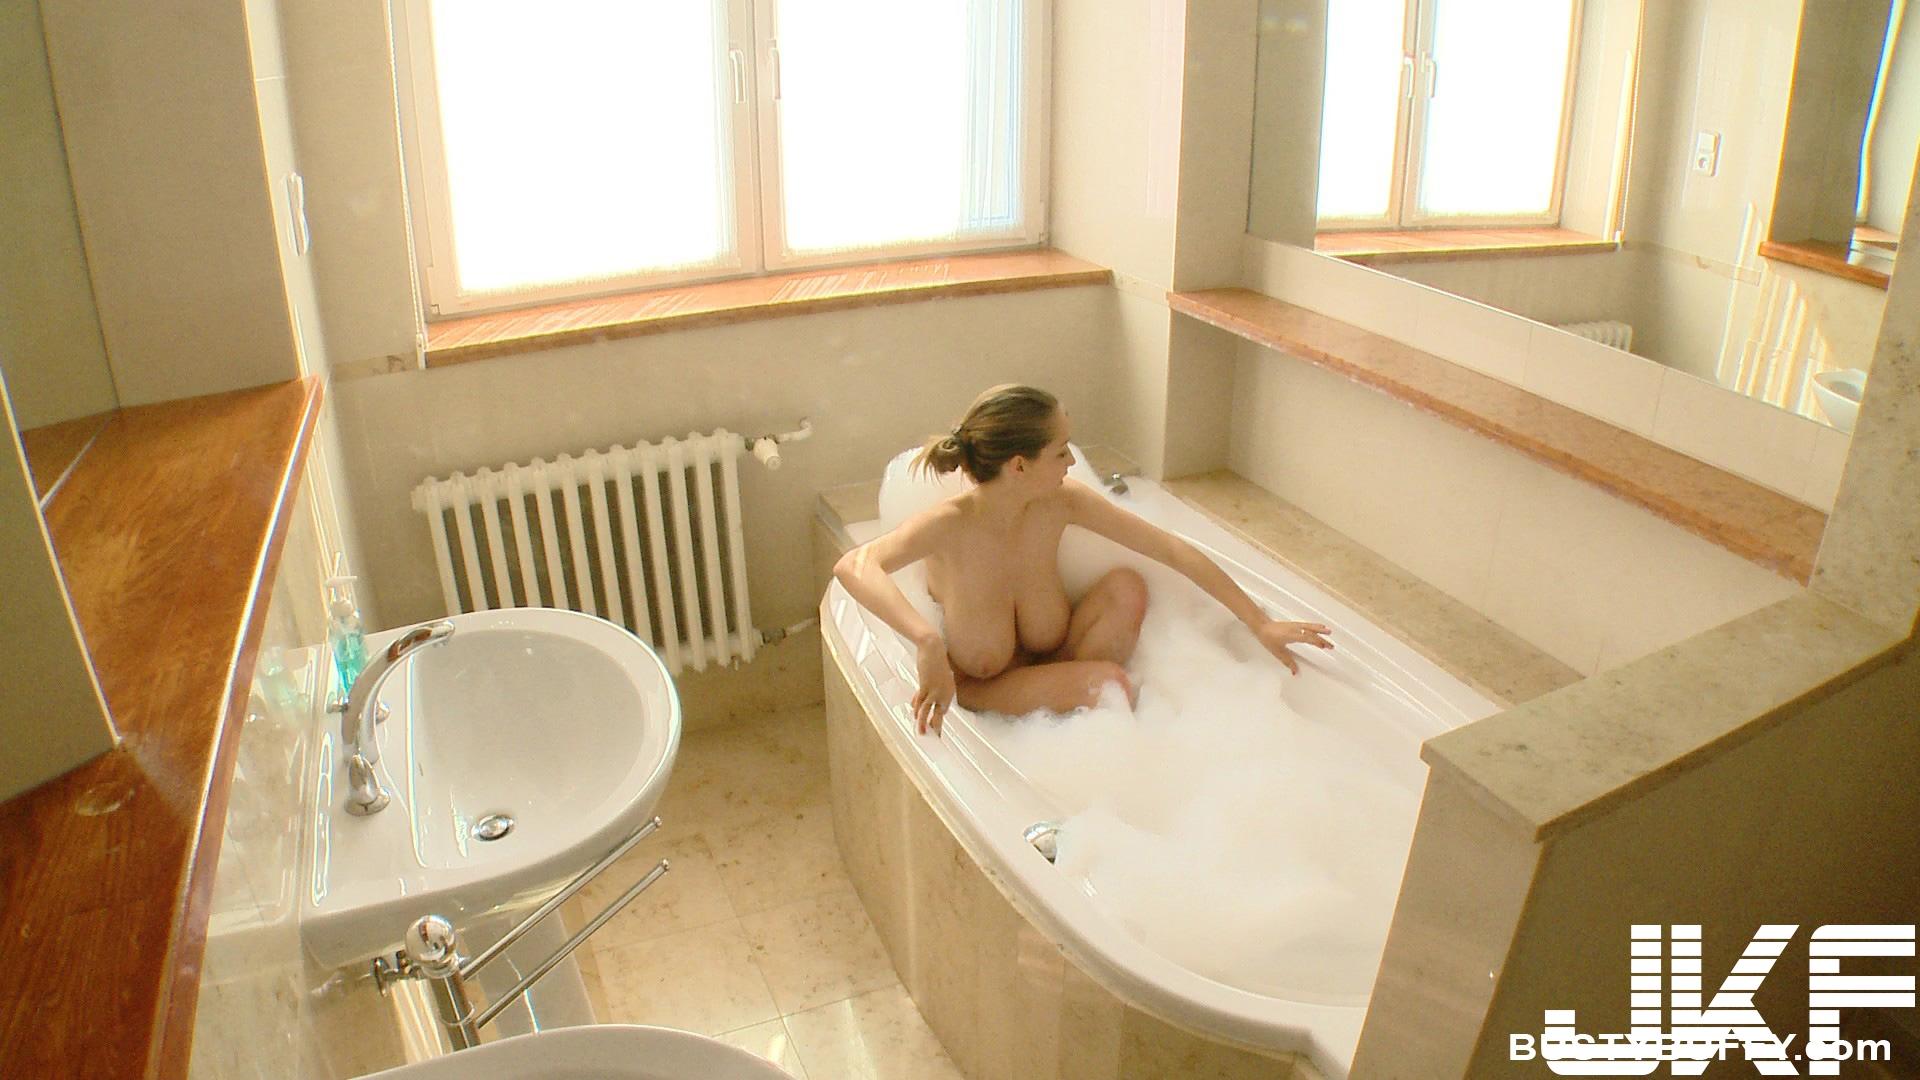 Busty Buffy-Solo Bath - 貼圖 - 歐美寫真 -